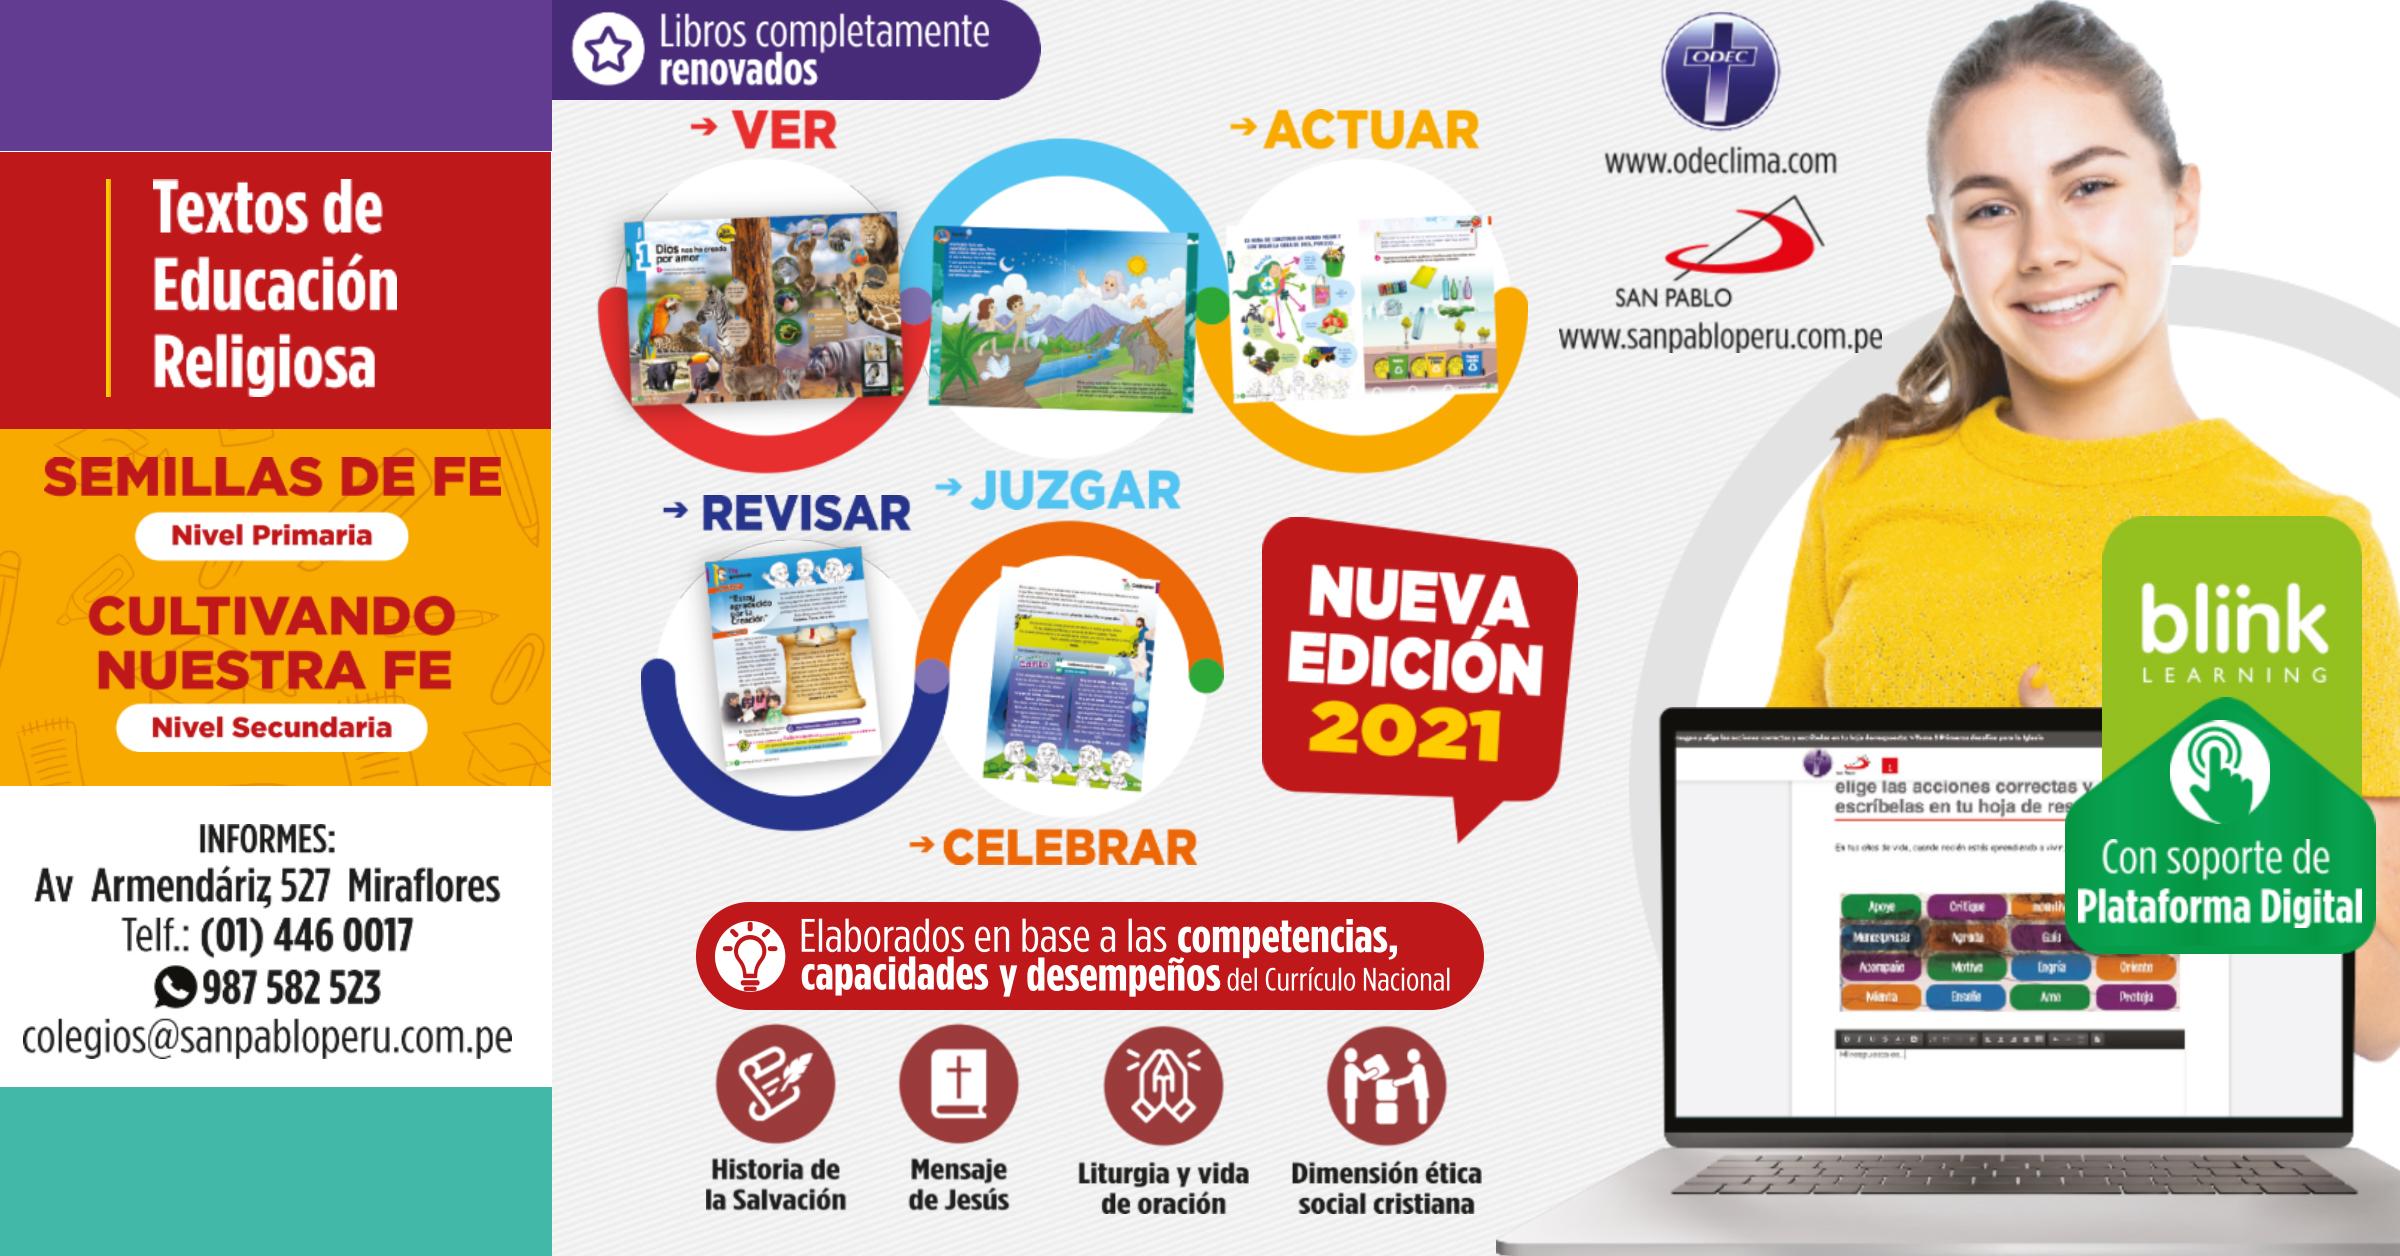 Nuevos Textos Escolares de Educación Religiosa de SAN PABLO - ODEC LIMA